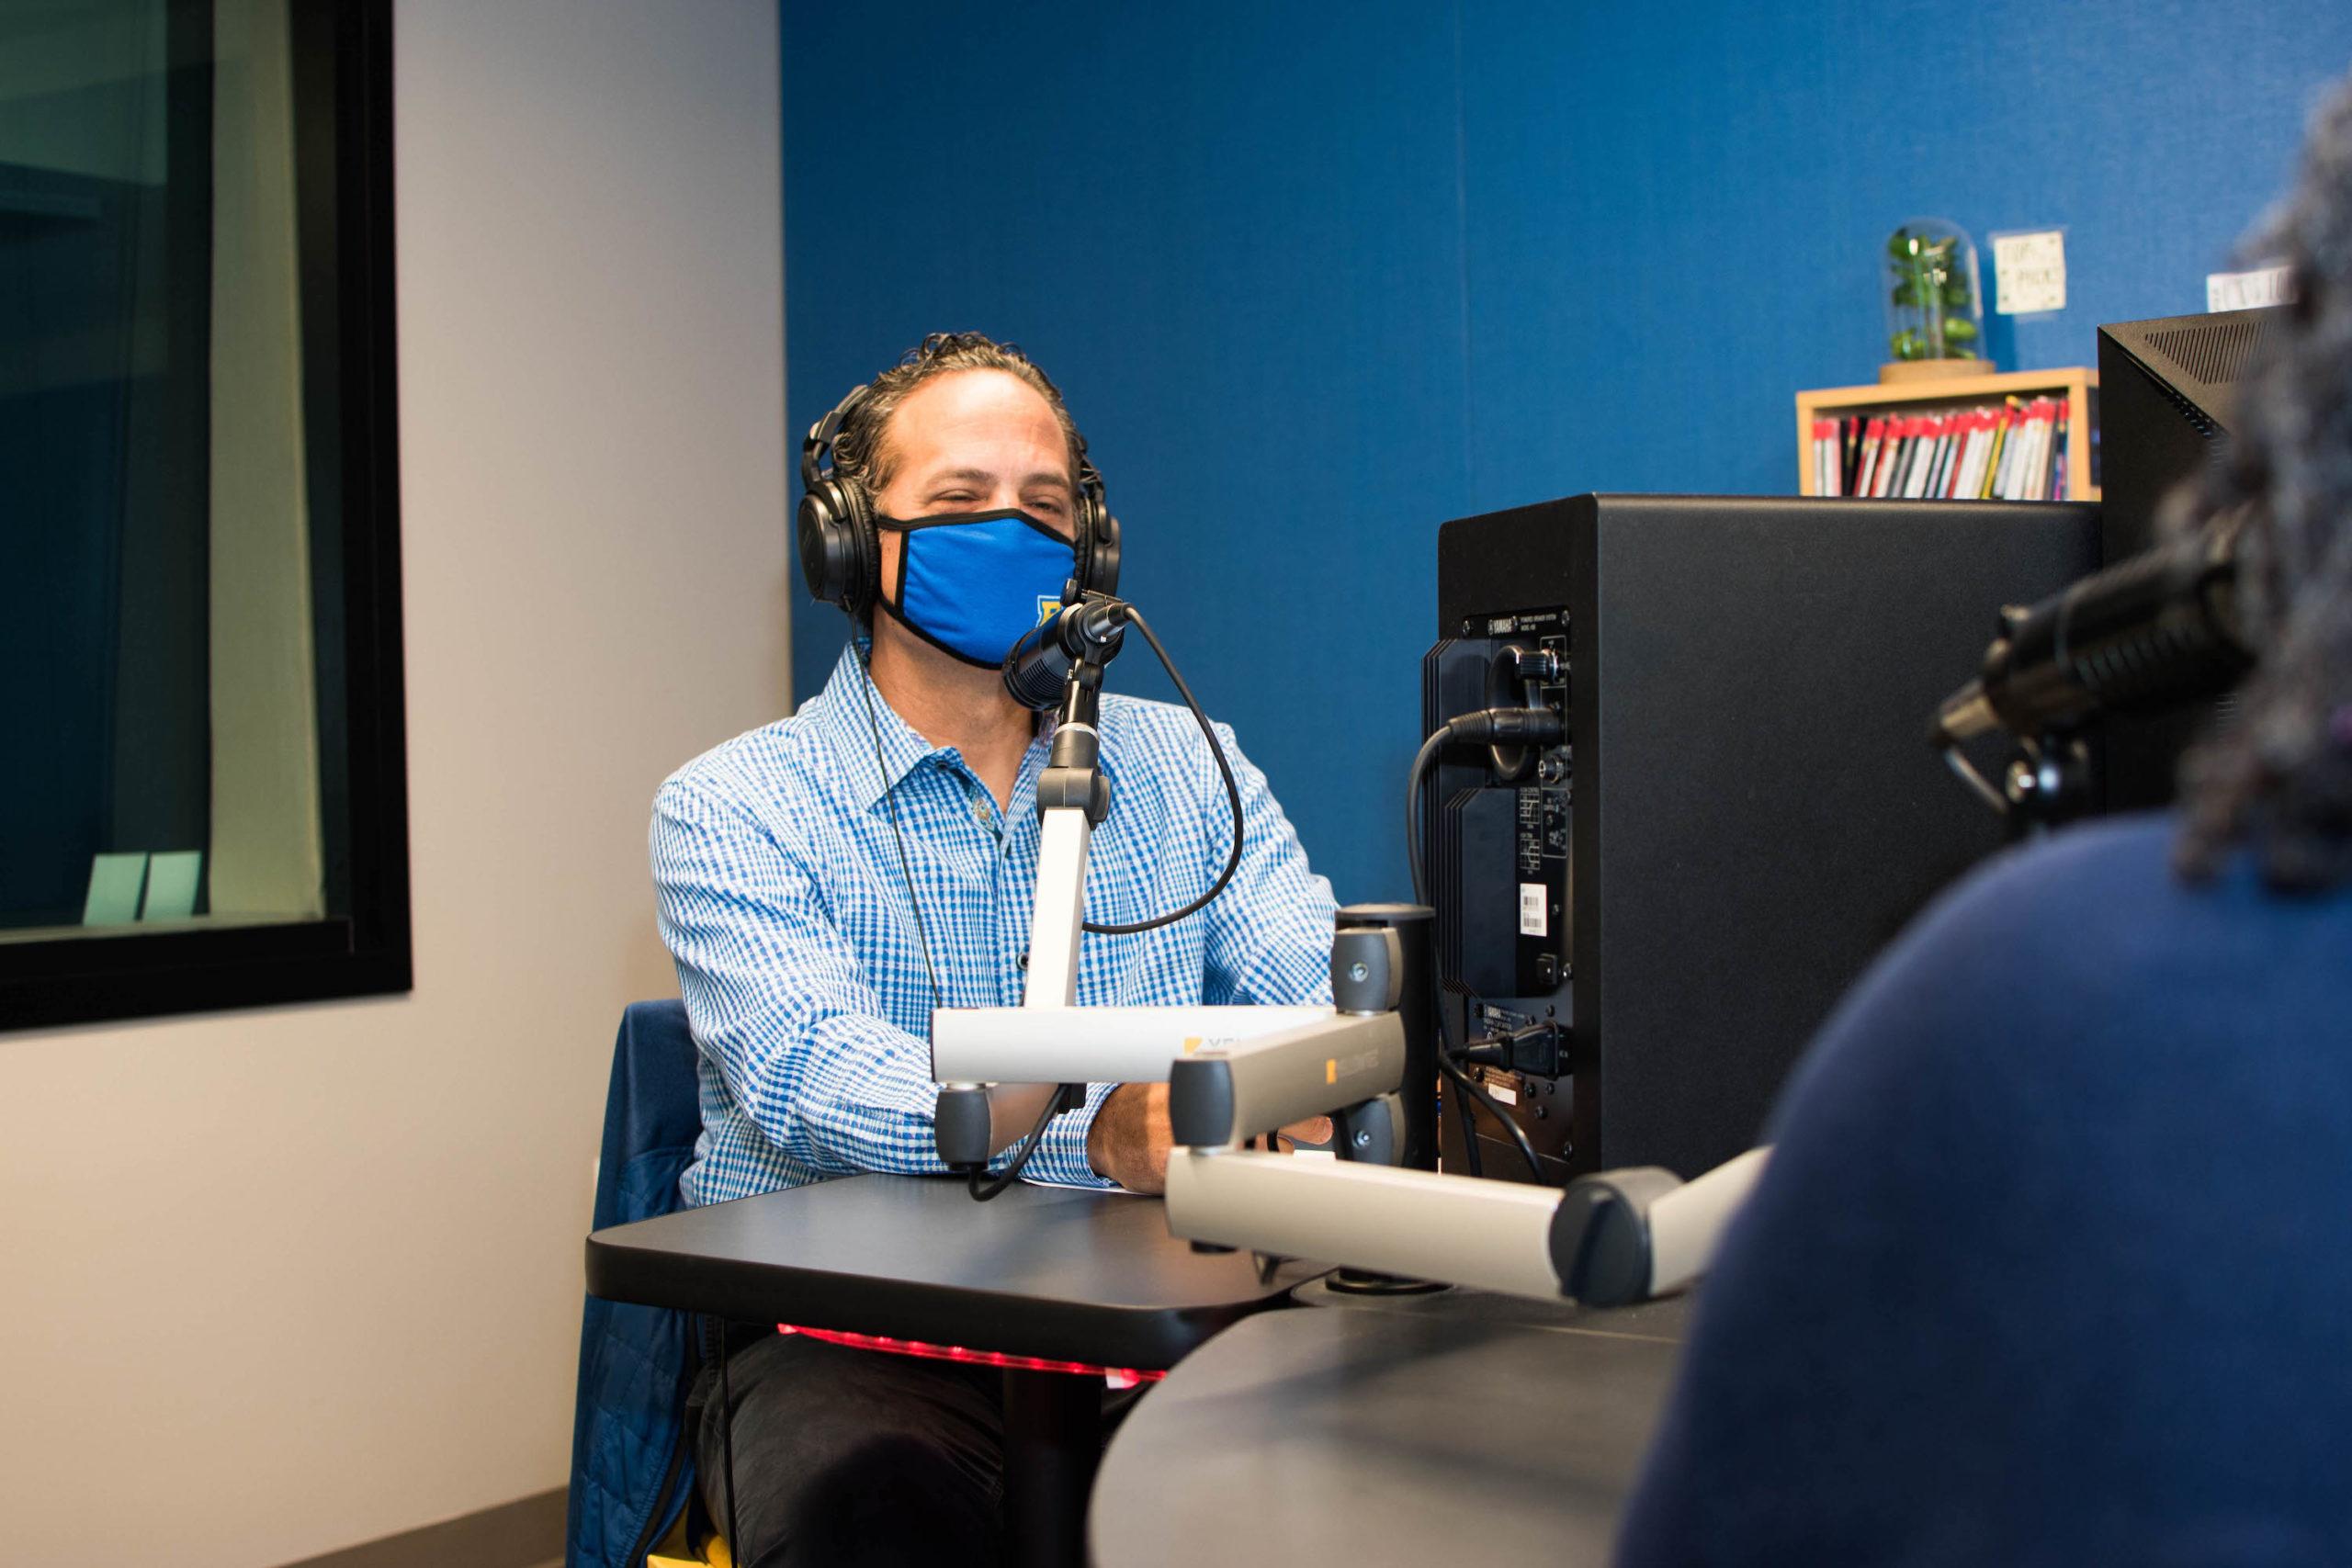 Sam Stark conducts podcast in recording studio.